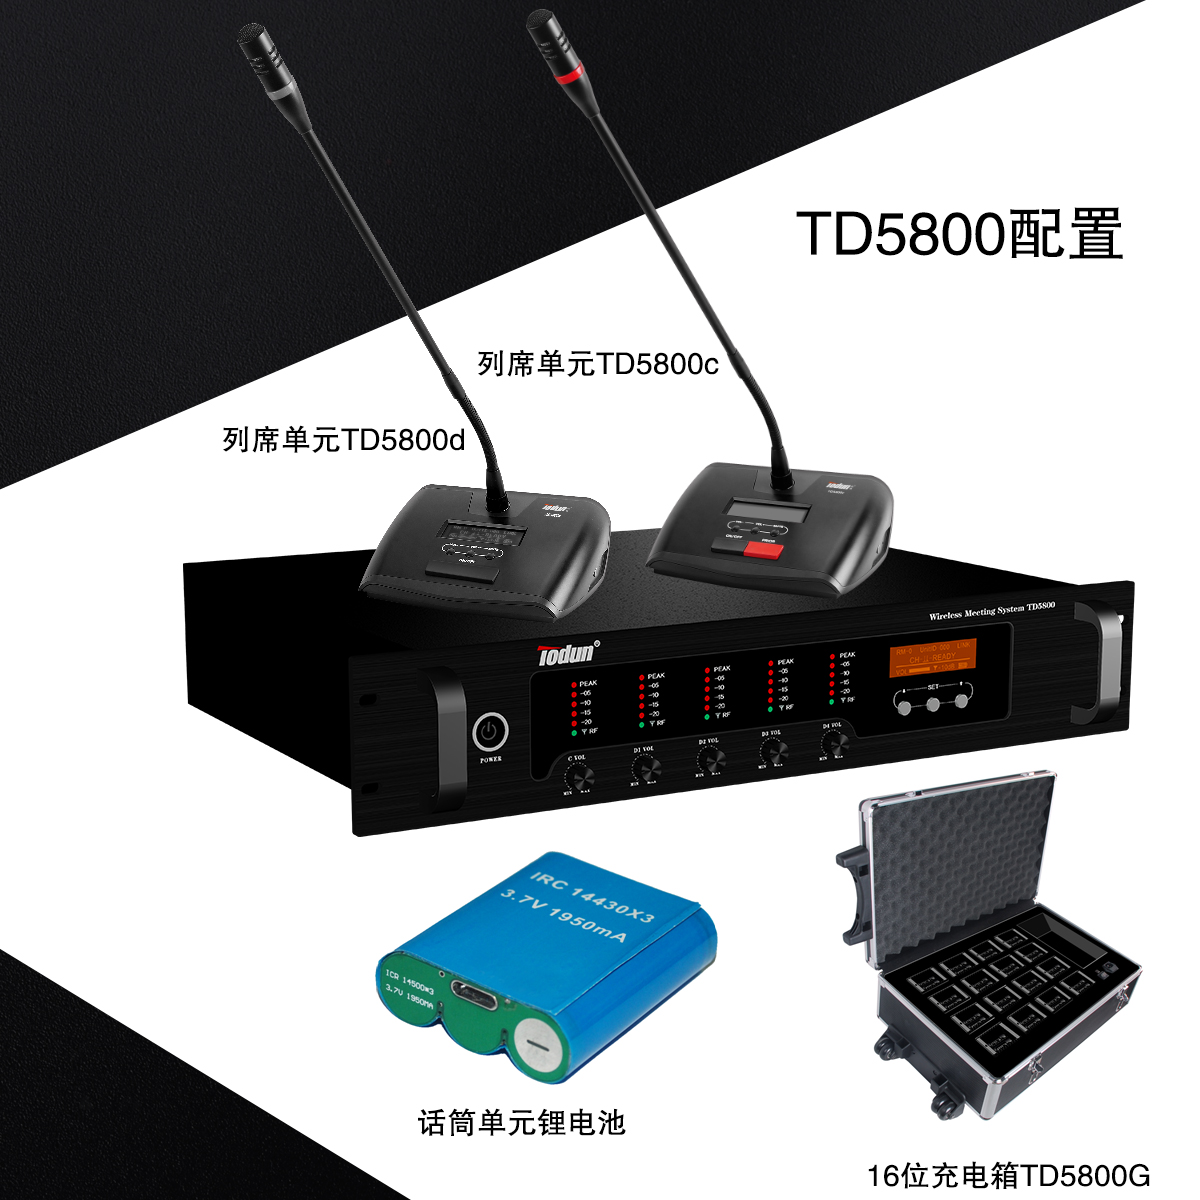 托顿TD5800 无线会议系统设备配置